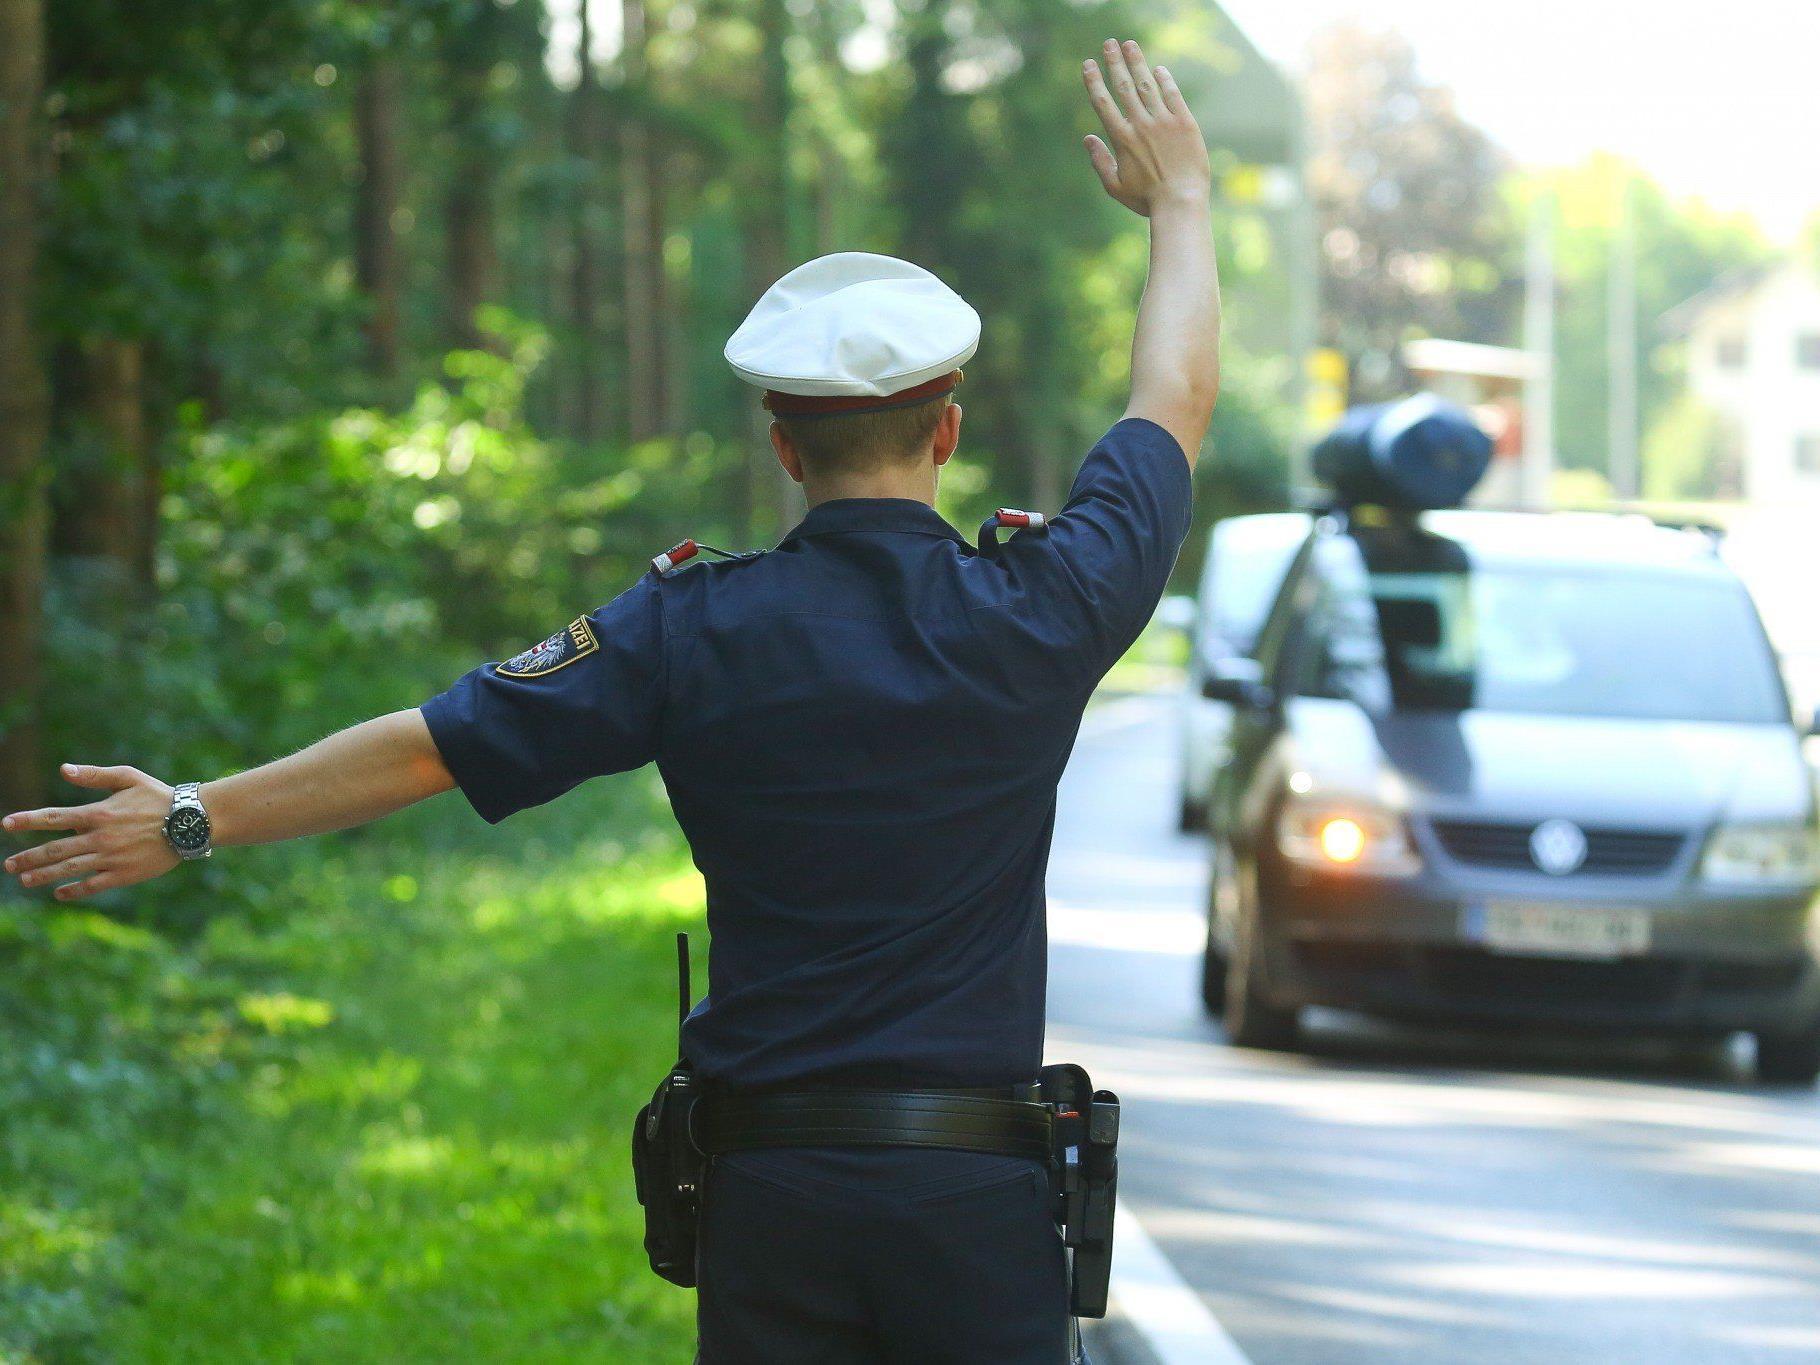 Die Polizeipräsenz in den Regionen soll durch die Reform nicht geschwächt werden.